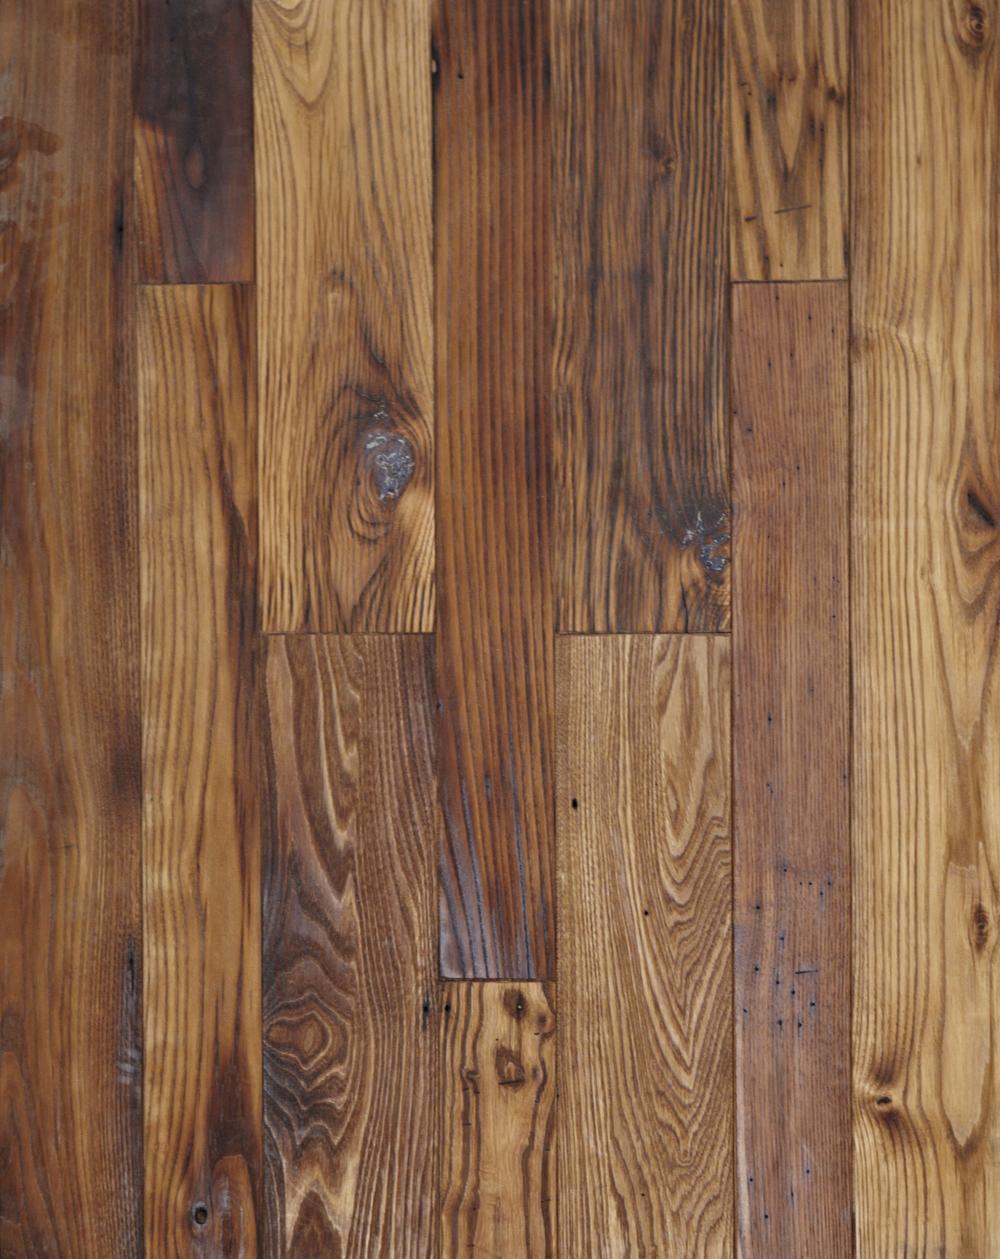 Reclaimed Chestnut Hardwood Flooring [New Face]